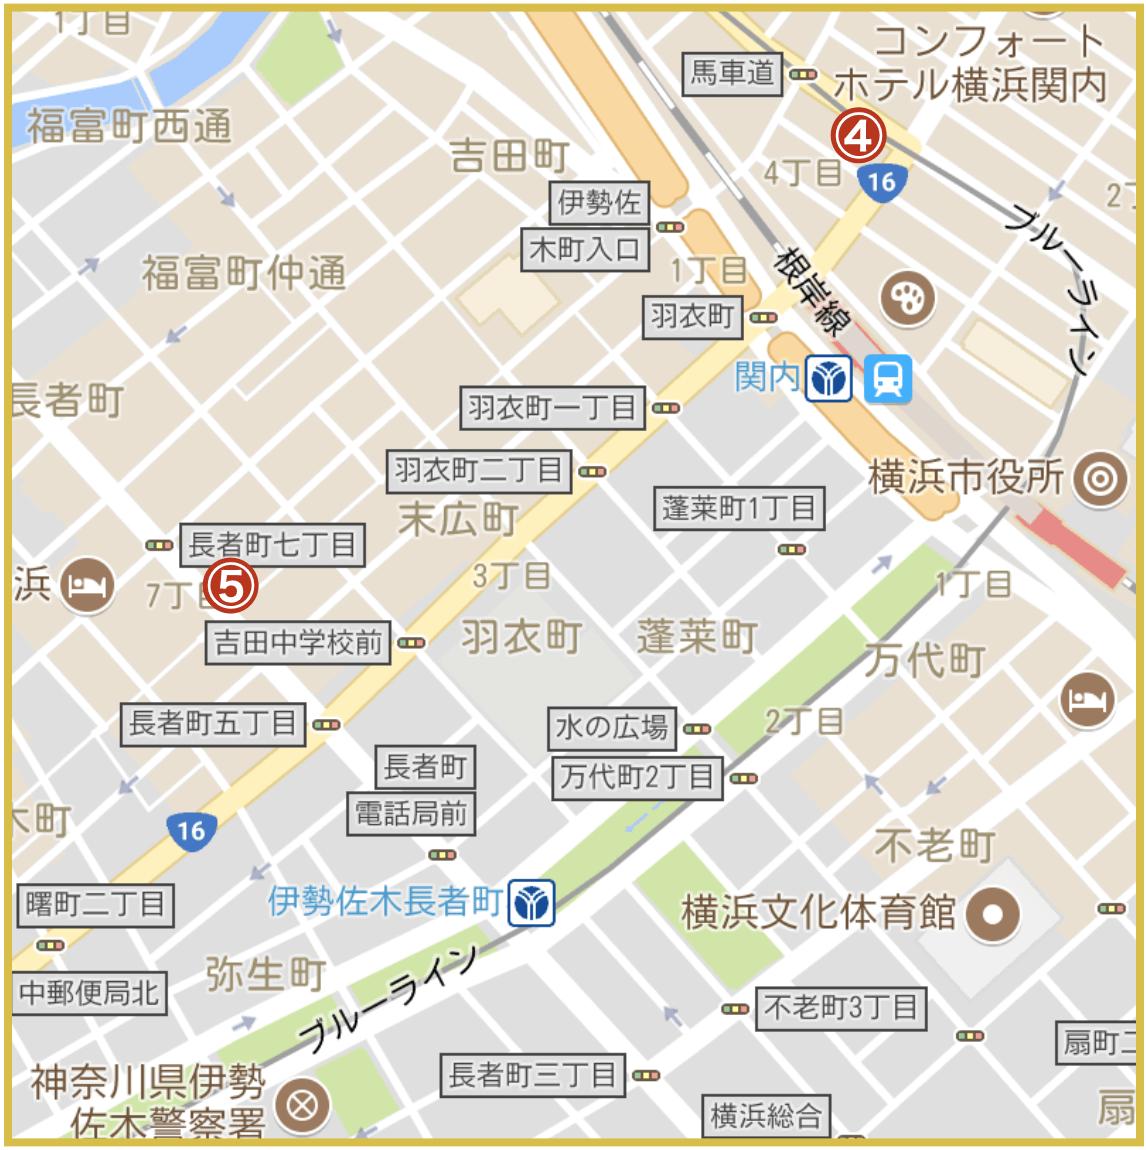 横浜市中区にあるアコム店舗・ATMの位置(2020年4月版)